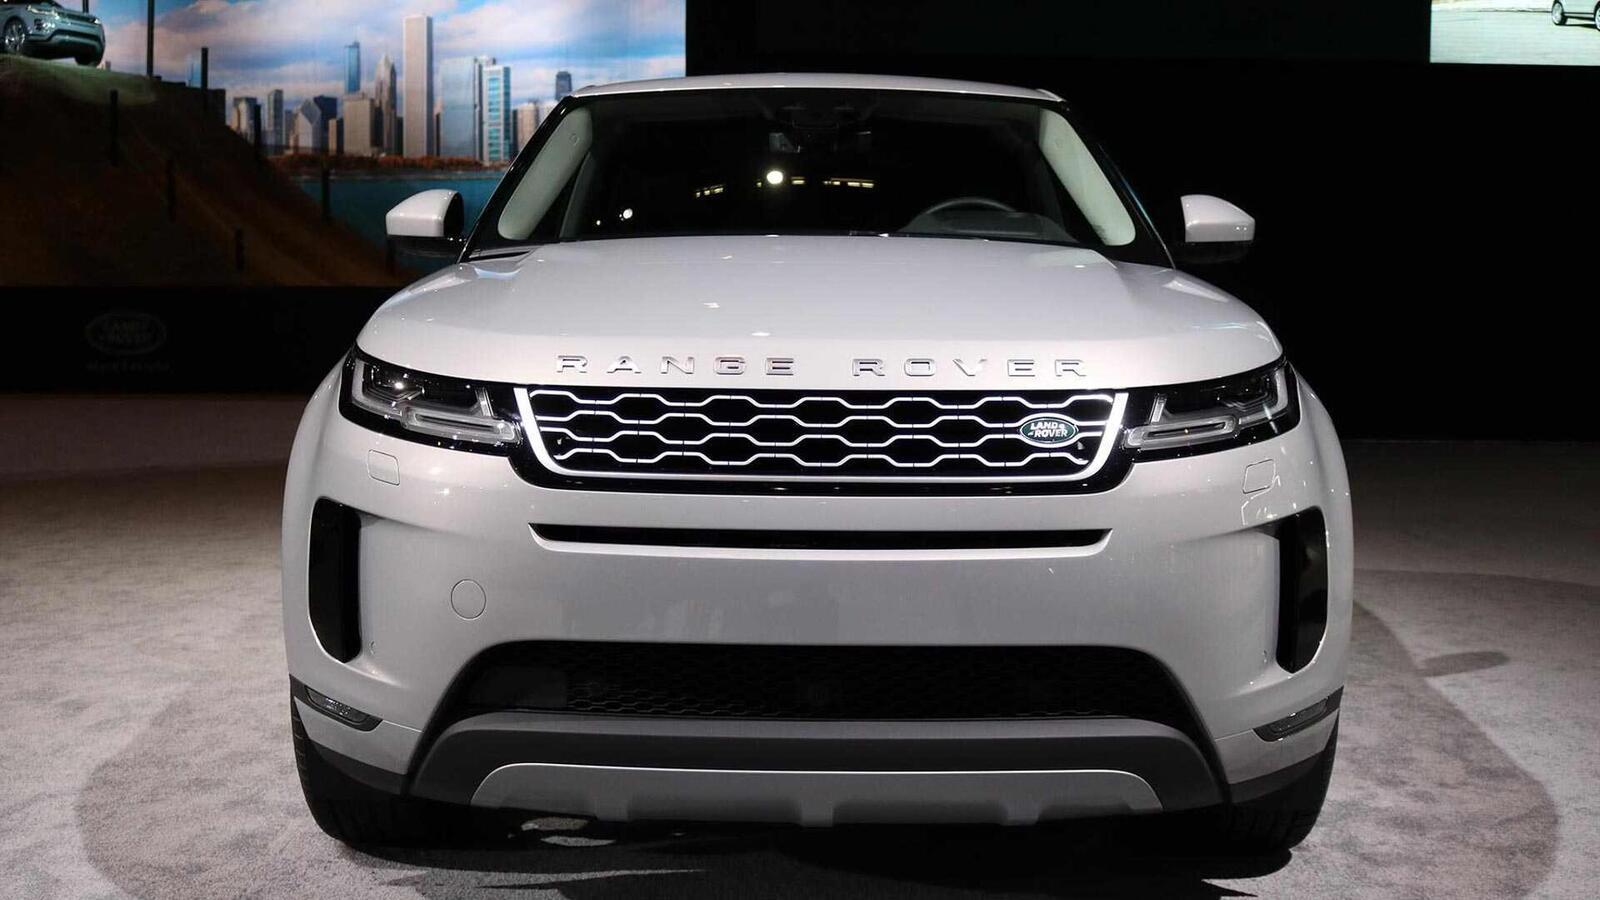 Range Rover Evoque mới tại Mỹ có giá từ 43.645 USD, đắt hơn Audi Q5 và Mercedes GLC - Hình 2